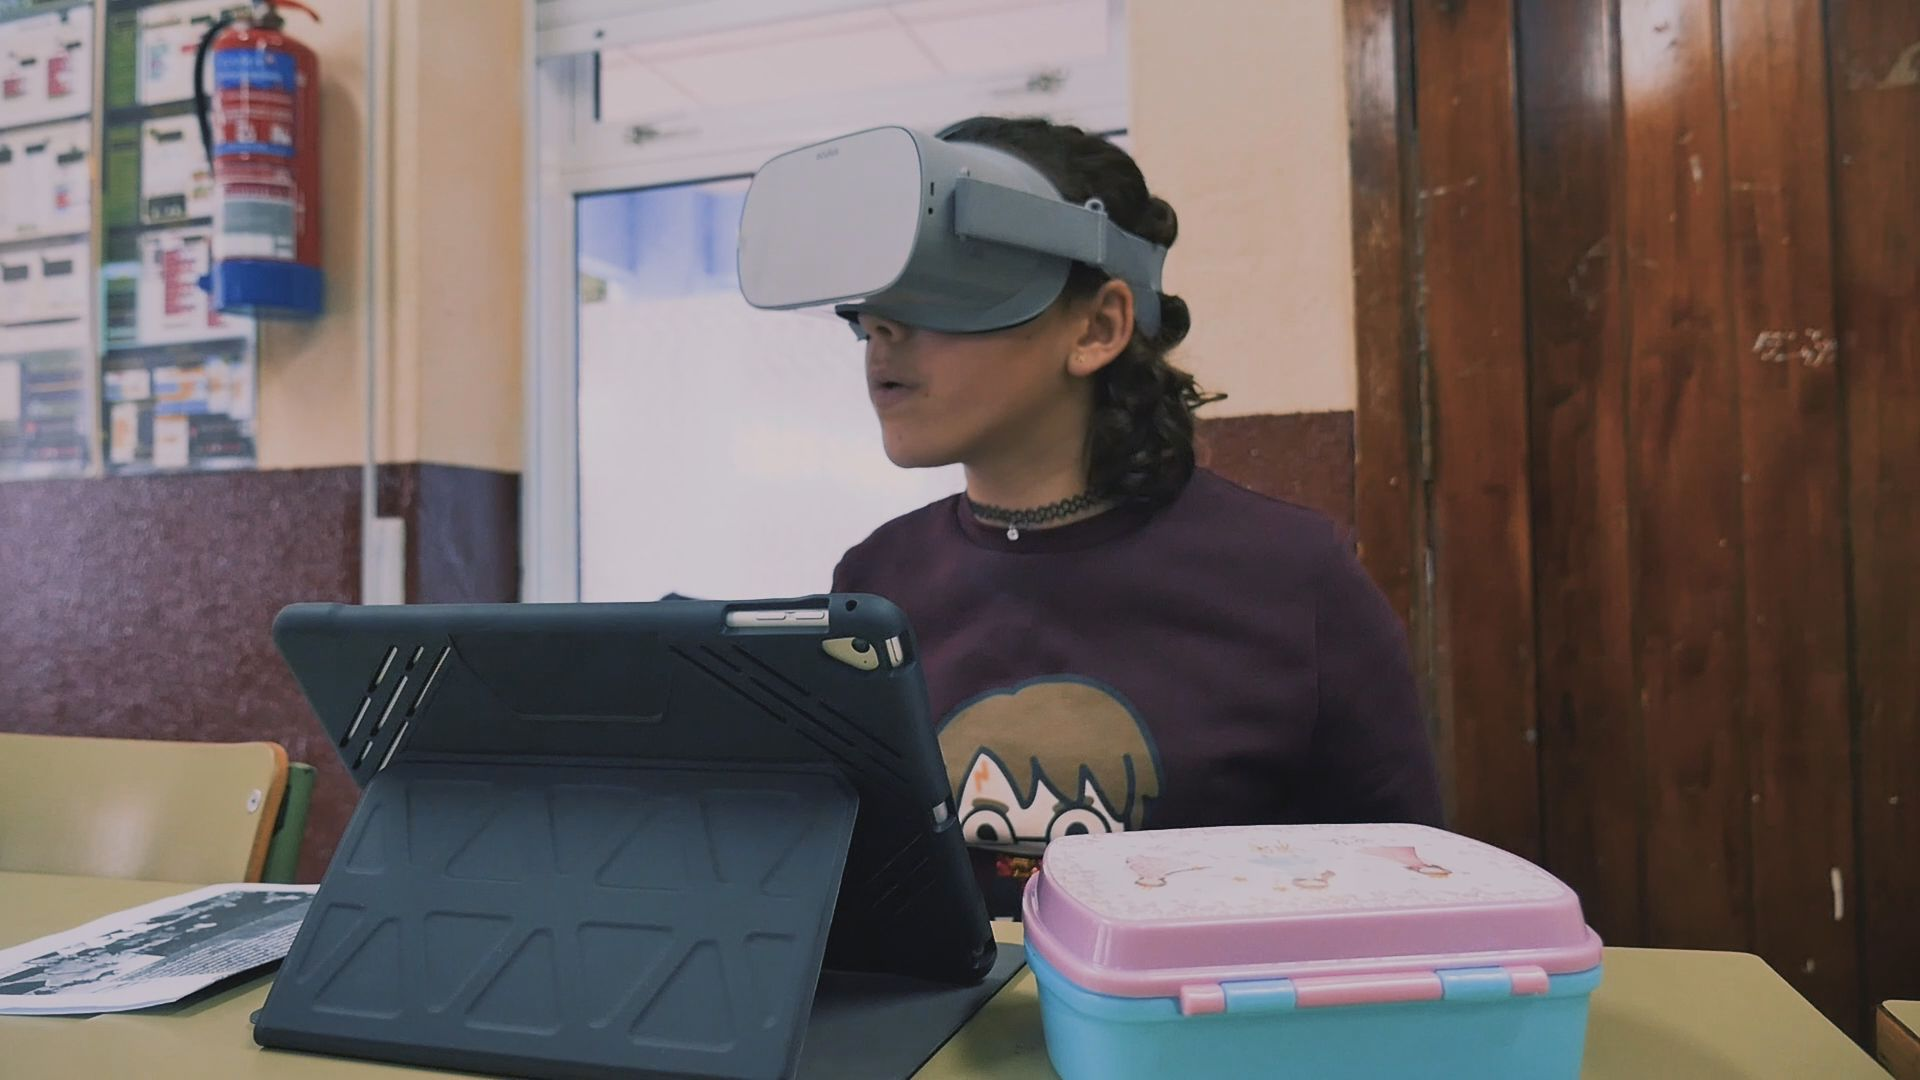 Cuentan con gafas de realidad virtual para acceder a entornos que los propios alumnos crean